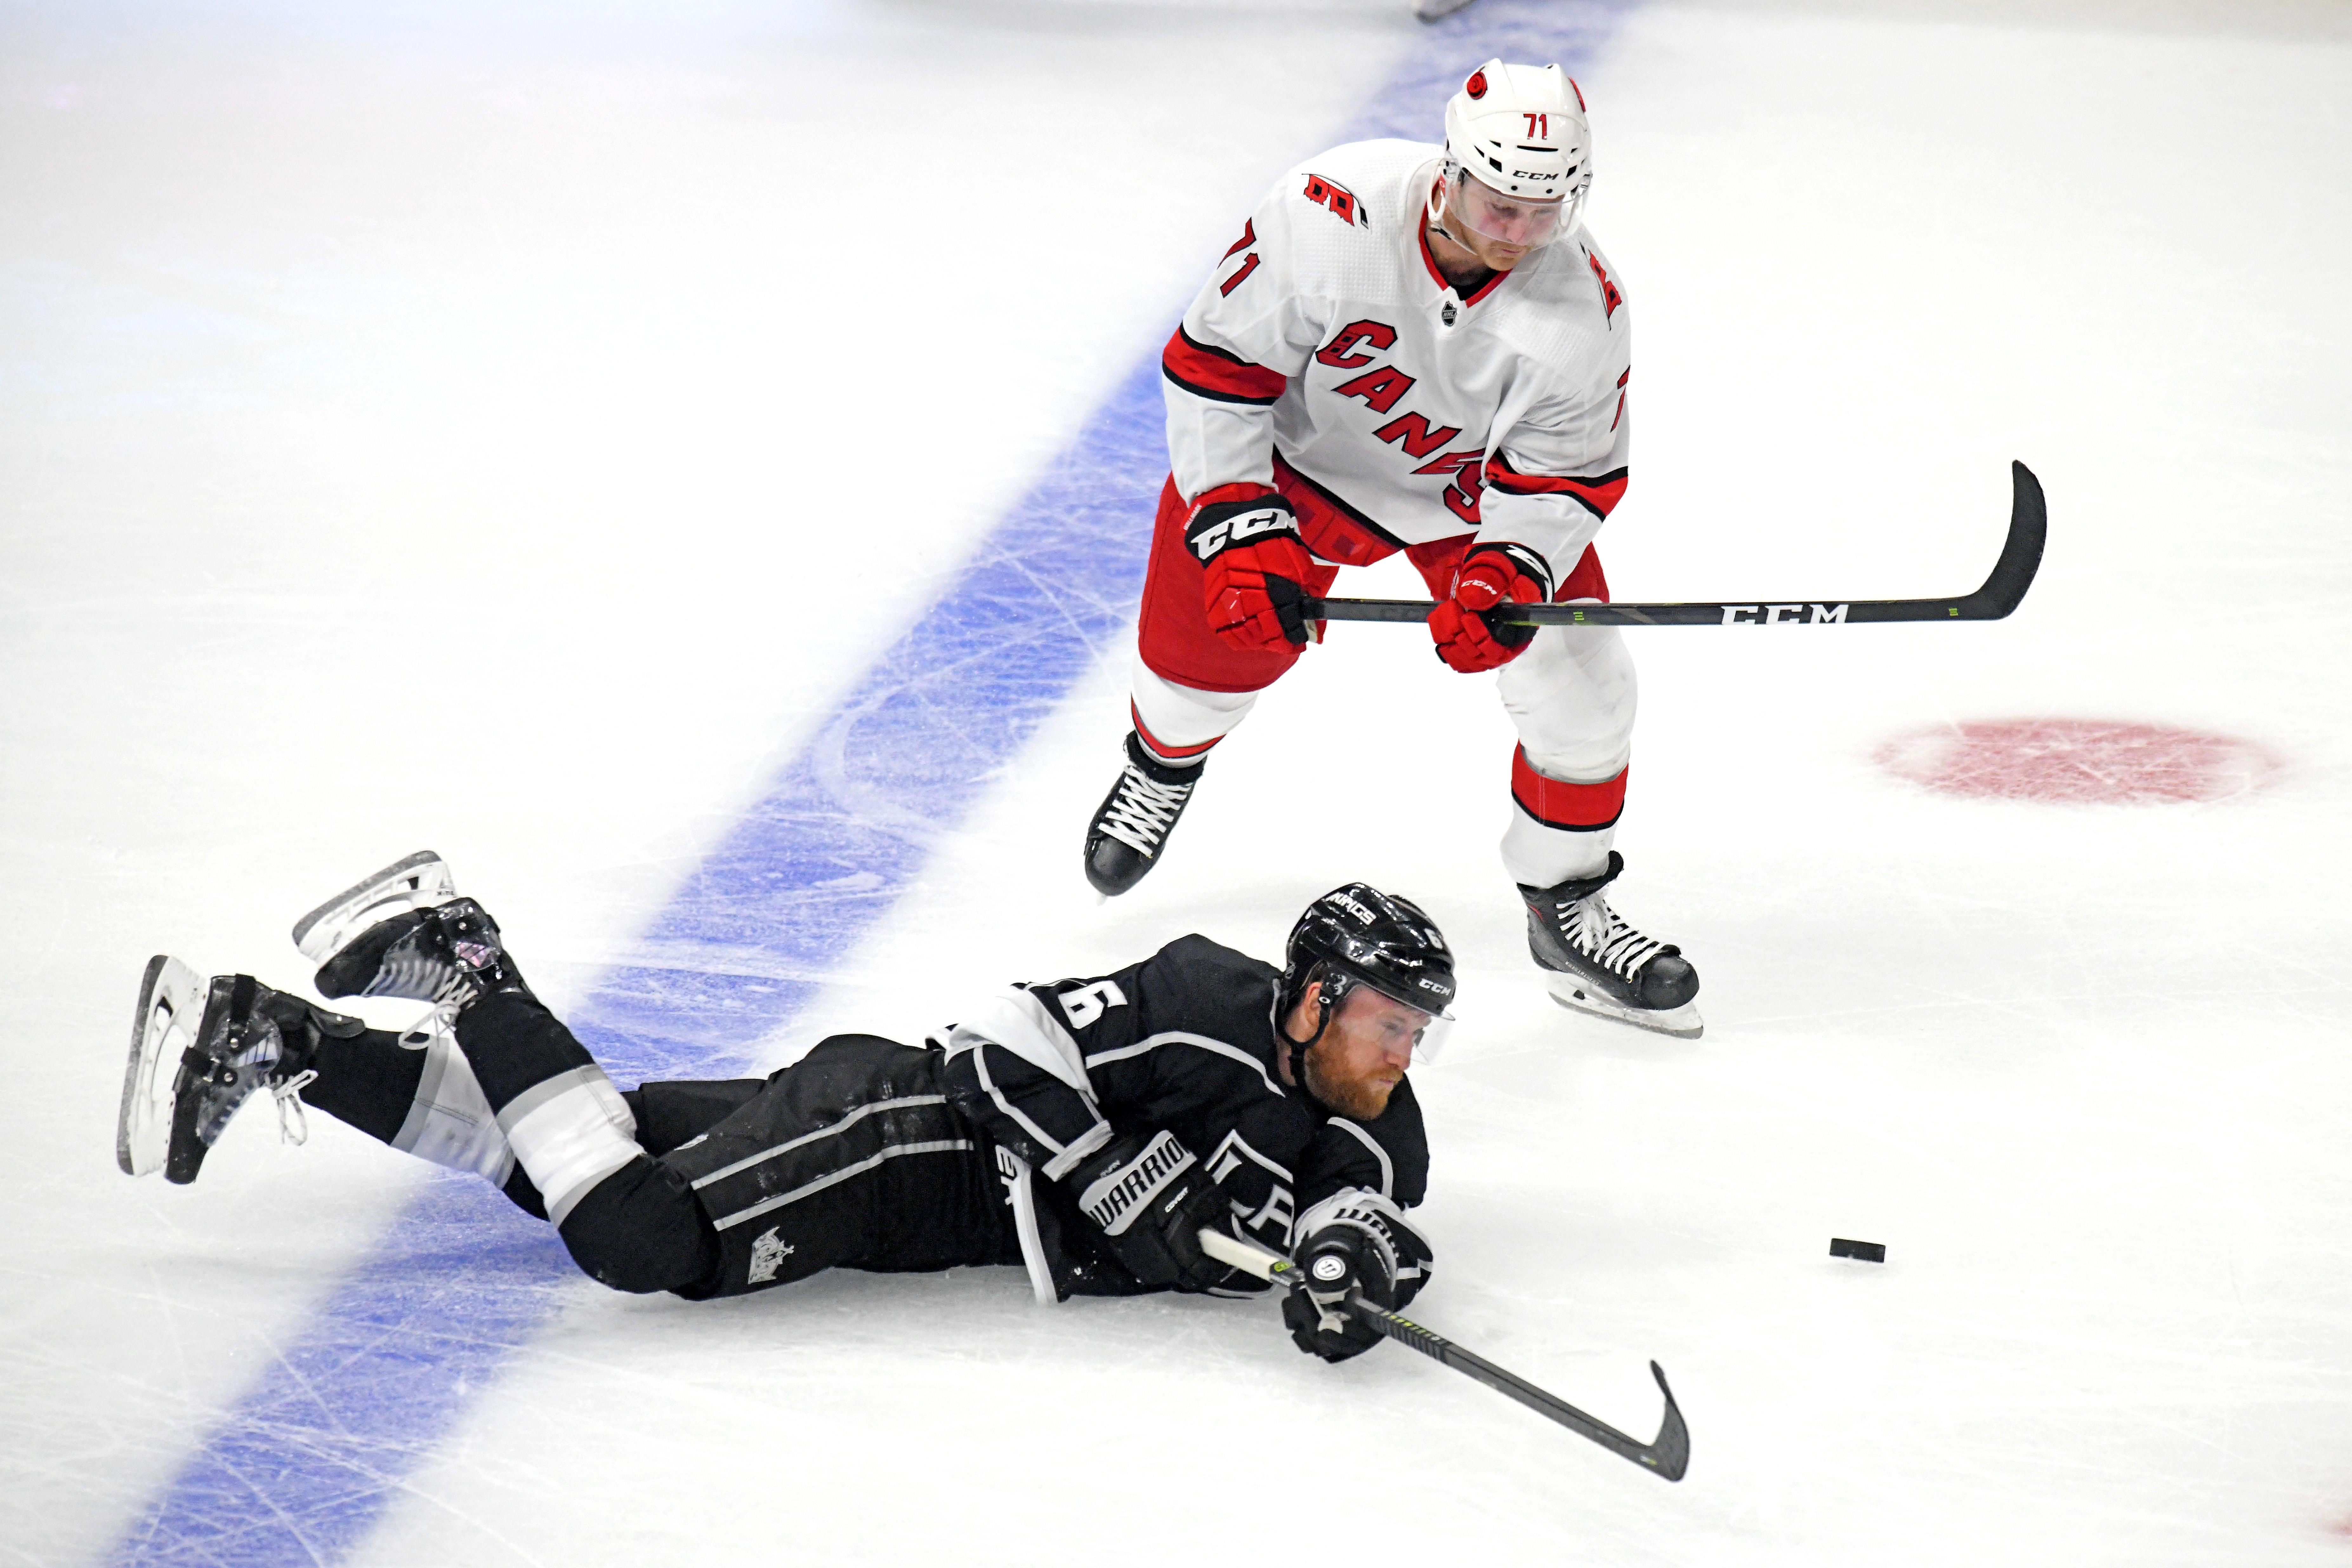 NHL: OCT 15 Hurricanes at Kings